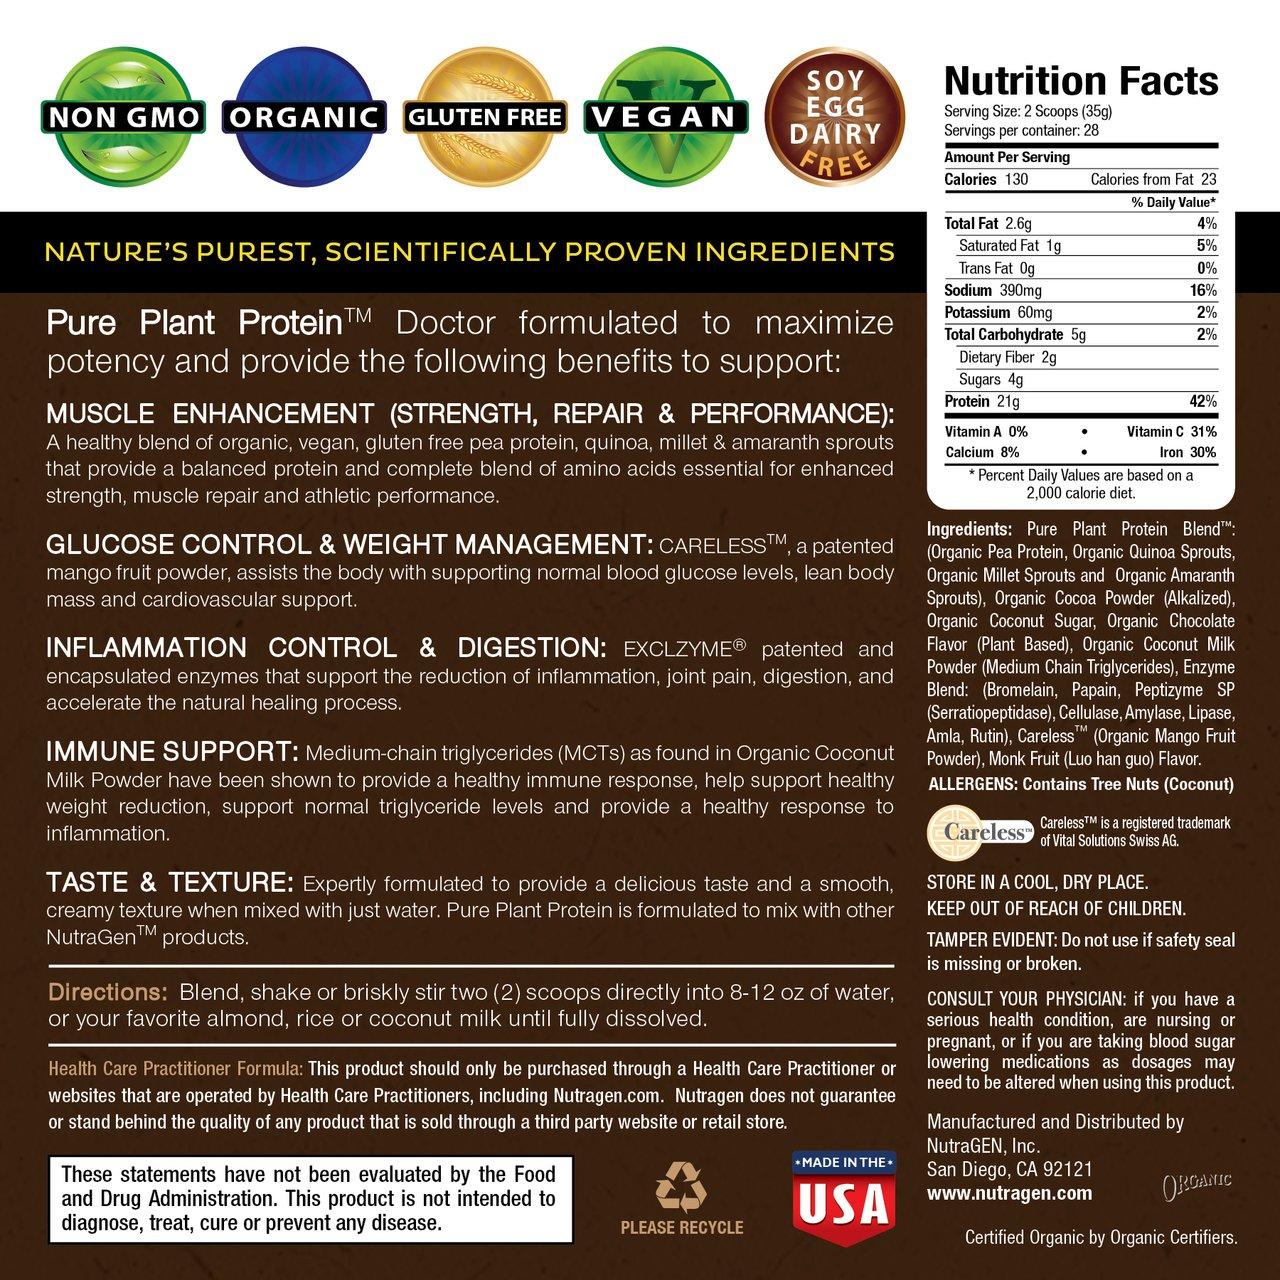 NUTRAGEN PURE PLANT PROTEIN (CREAMY CHOCOLATE FLAVOR)